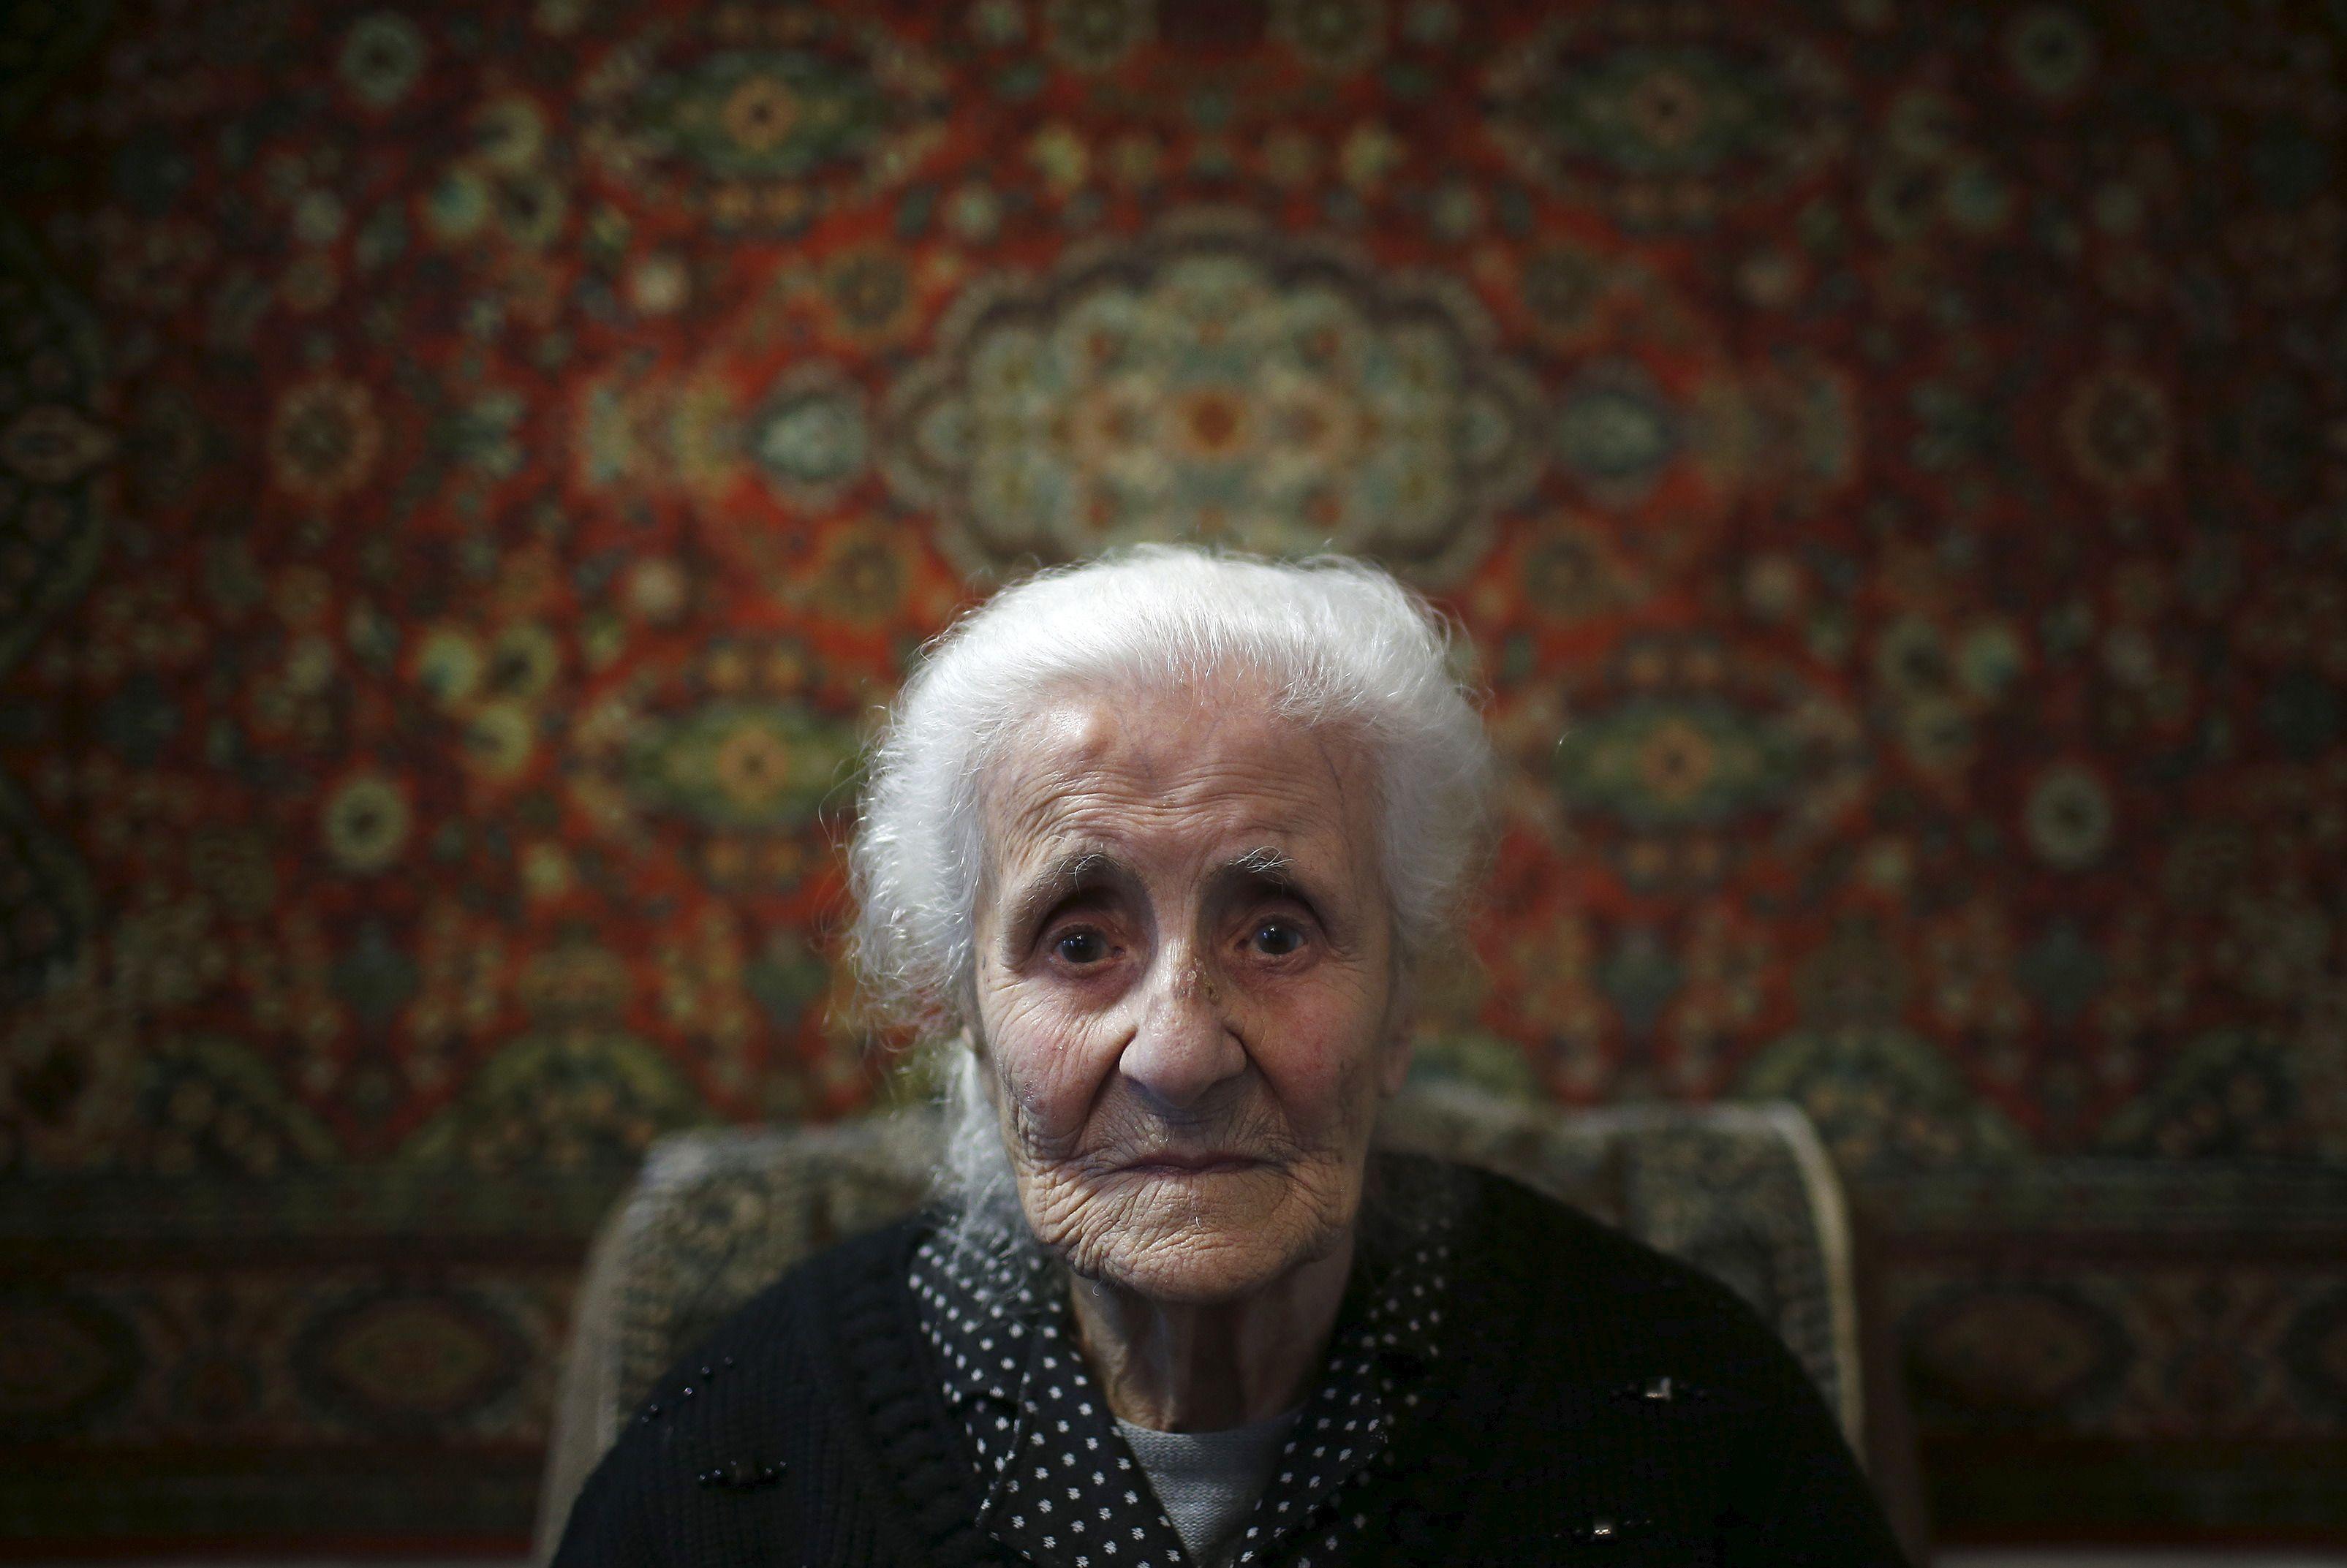 Fête des grands-mères : quel impact sur les autres générations quand votre mamie gâteau se prend pour une jeunette (ou pour Madonna...) ?